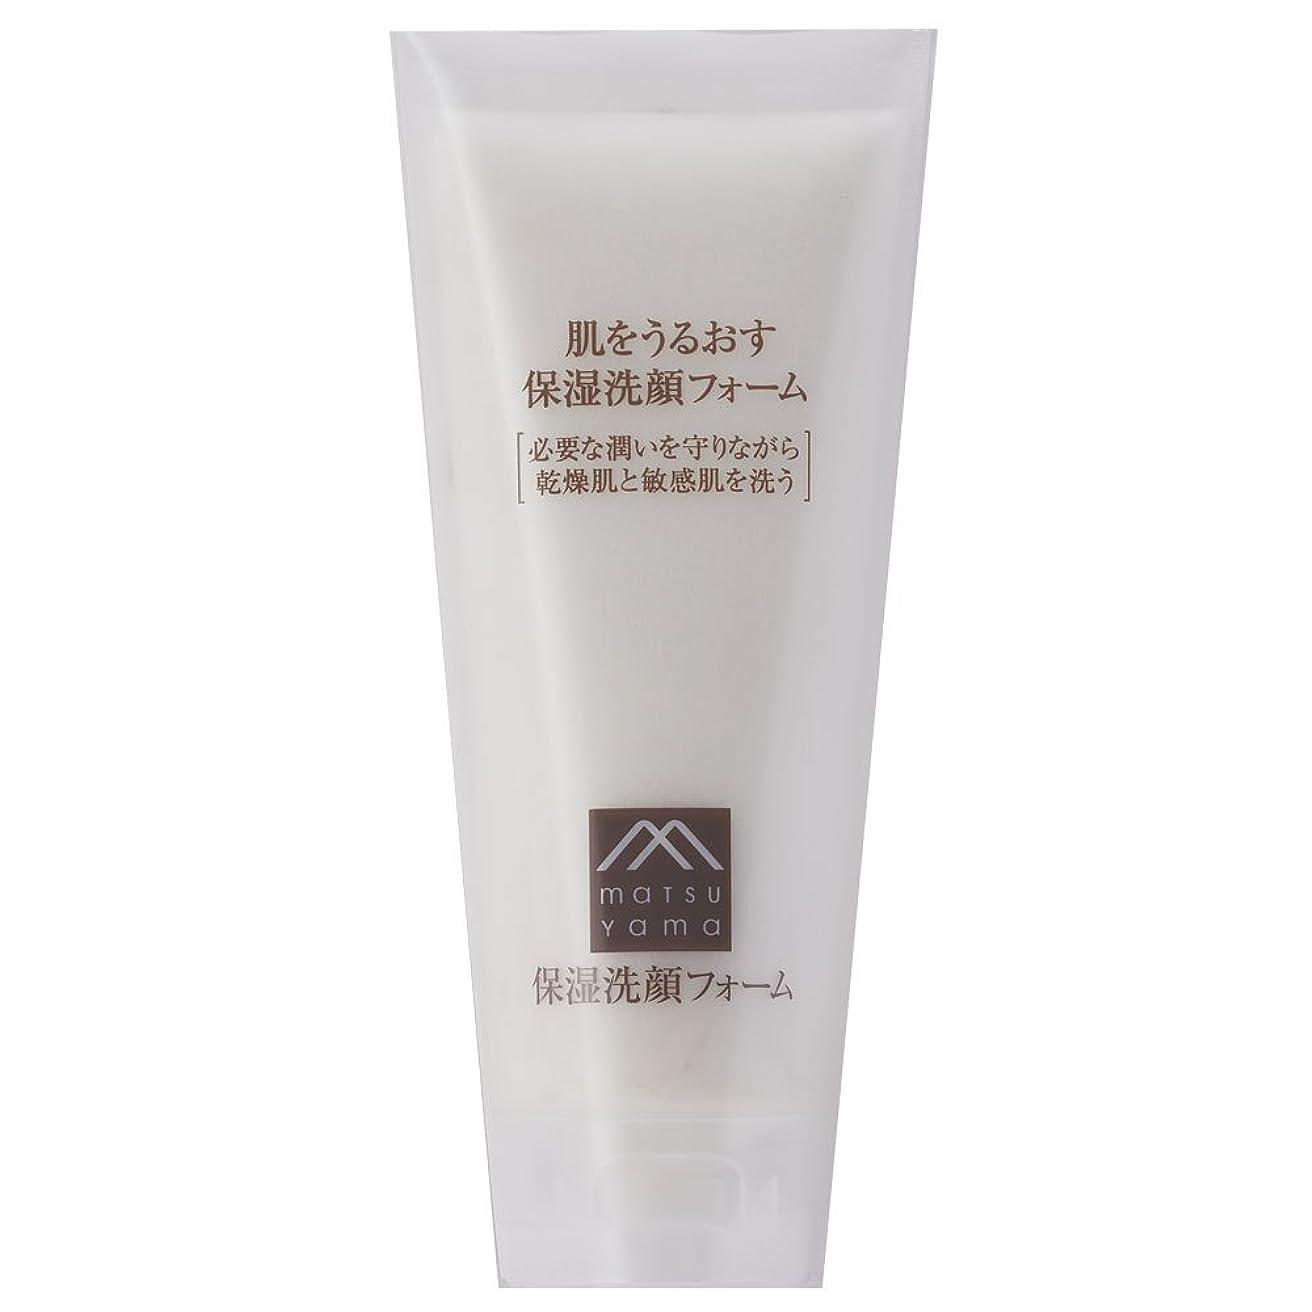 日記くクスクス肌をうるおす保湿洗顔フォーム(洗顔料) [乾燥肌 敏感肌]